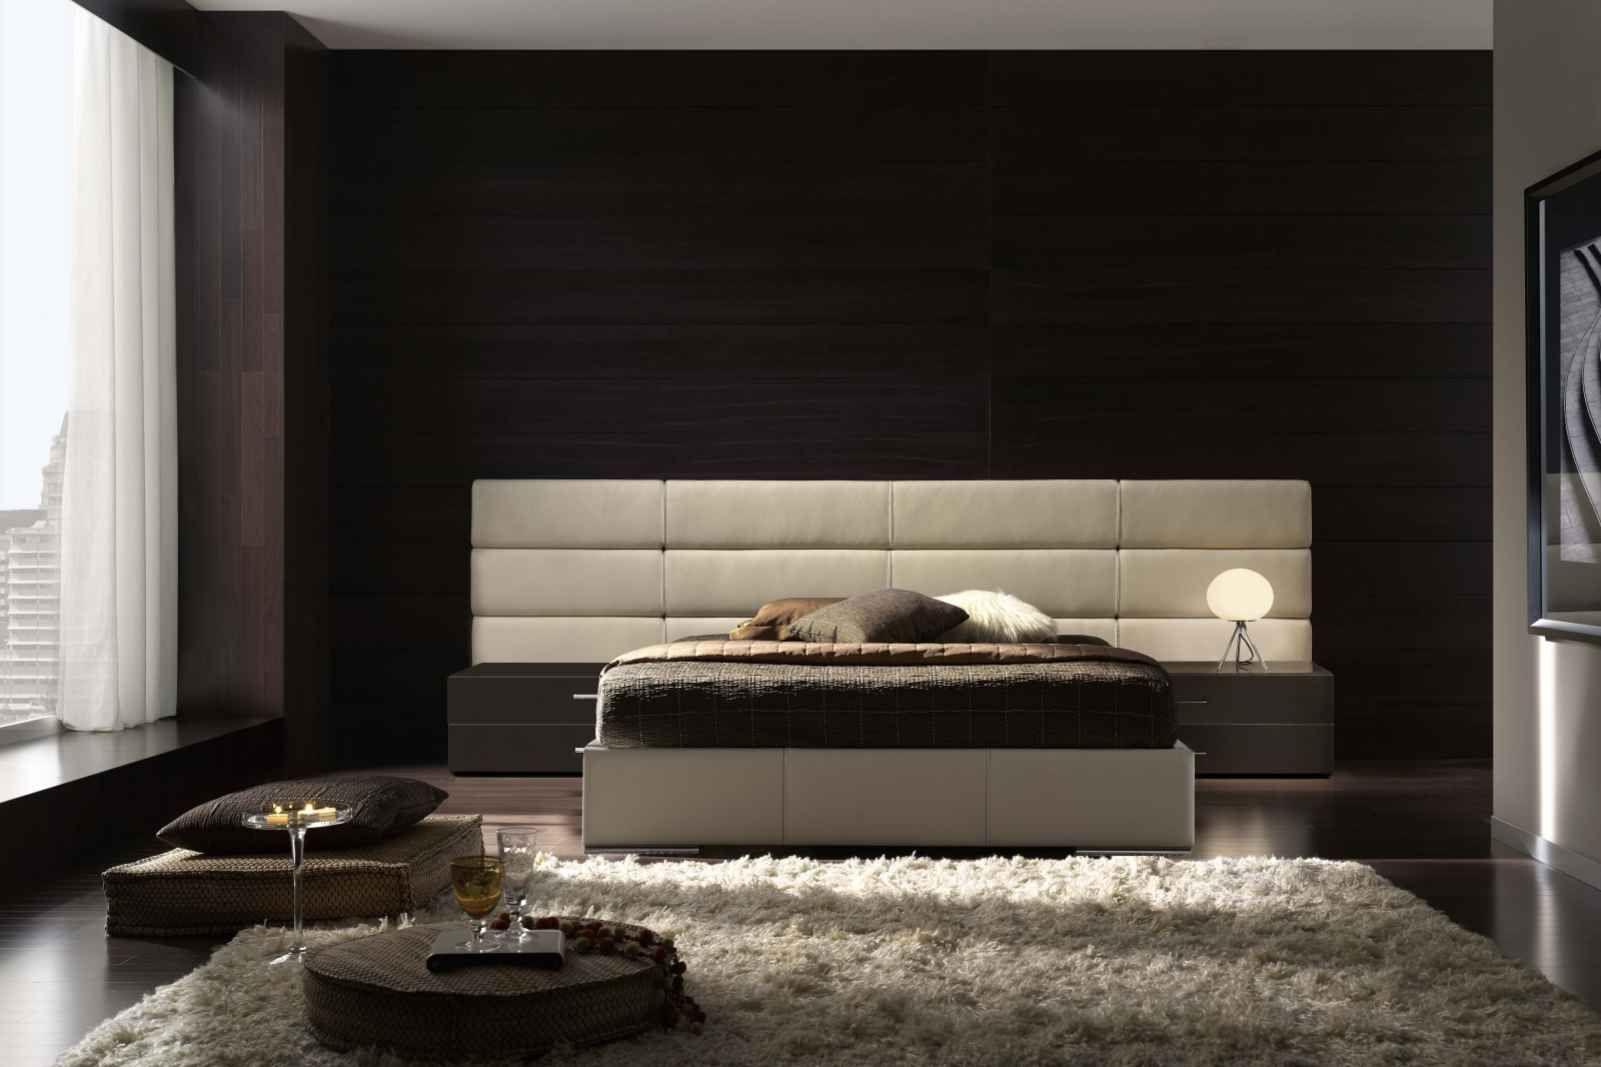 Schwarze Wand Im Schlafzimmer Mit Bett Atenas Von Gamamobel